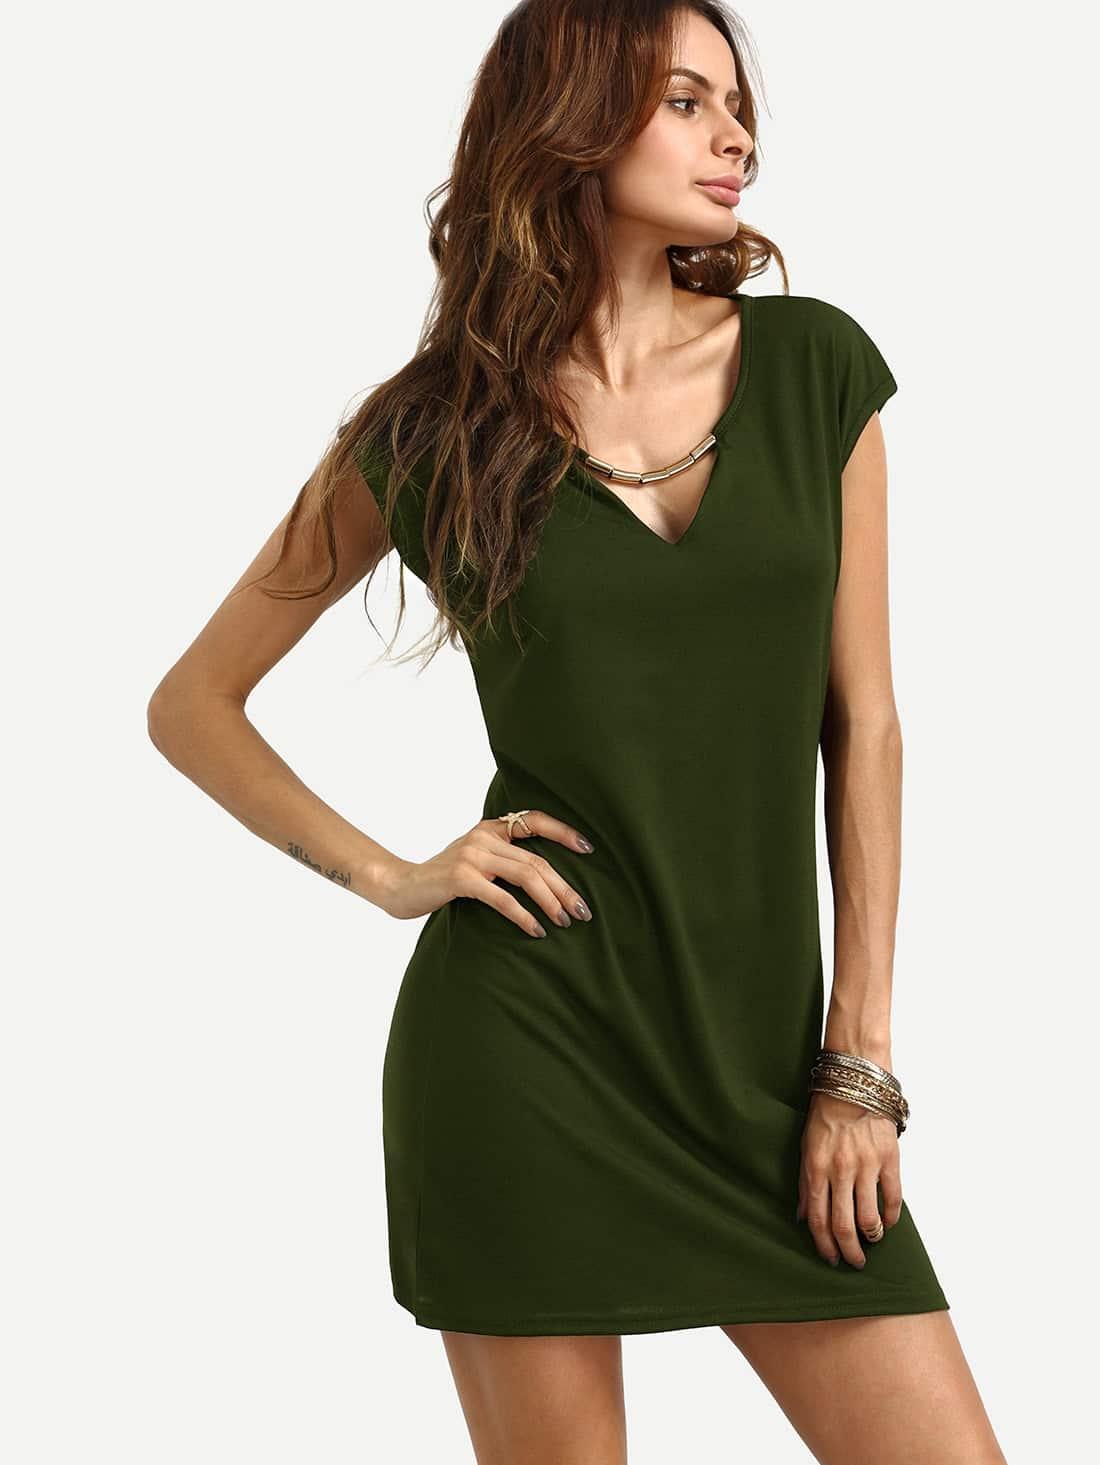 robe droite col v manche courte vert kaki french shein sheinside. Black Bedroom Furniture Sets. Home Design Ideas